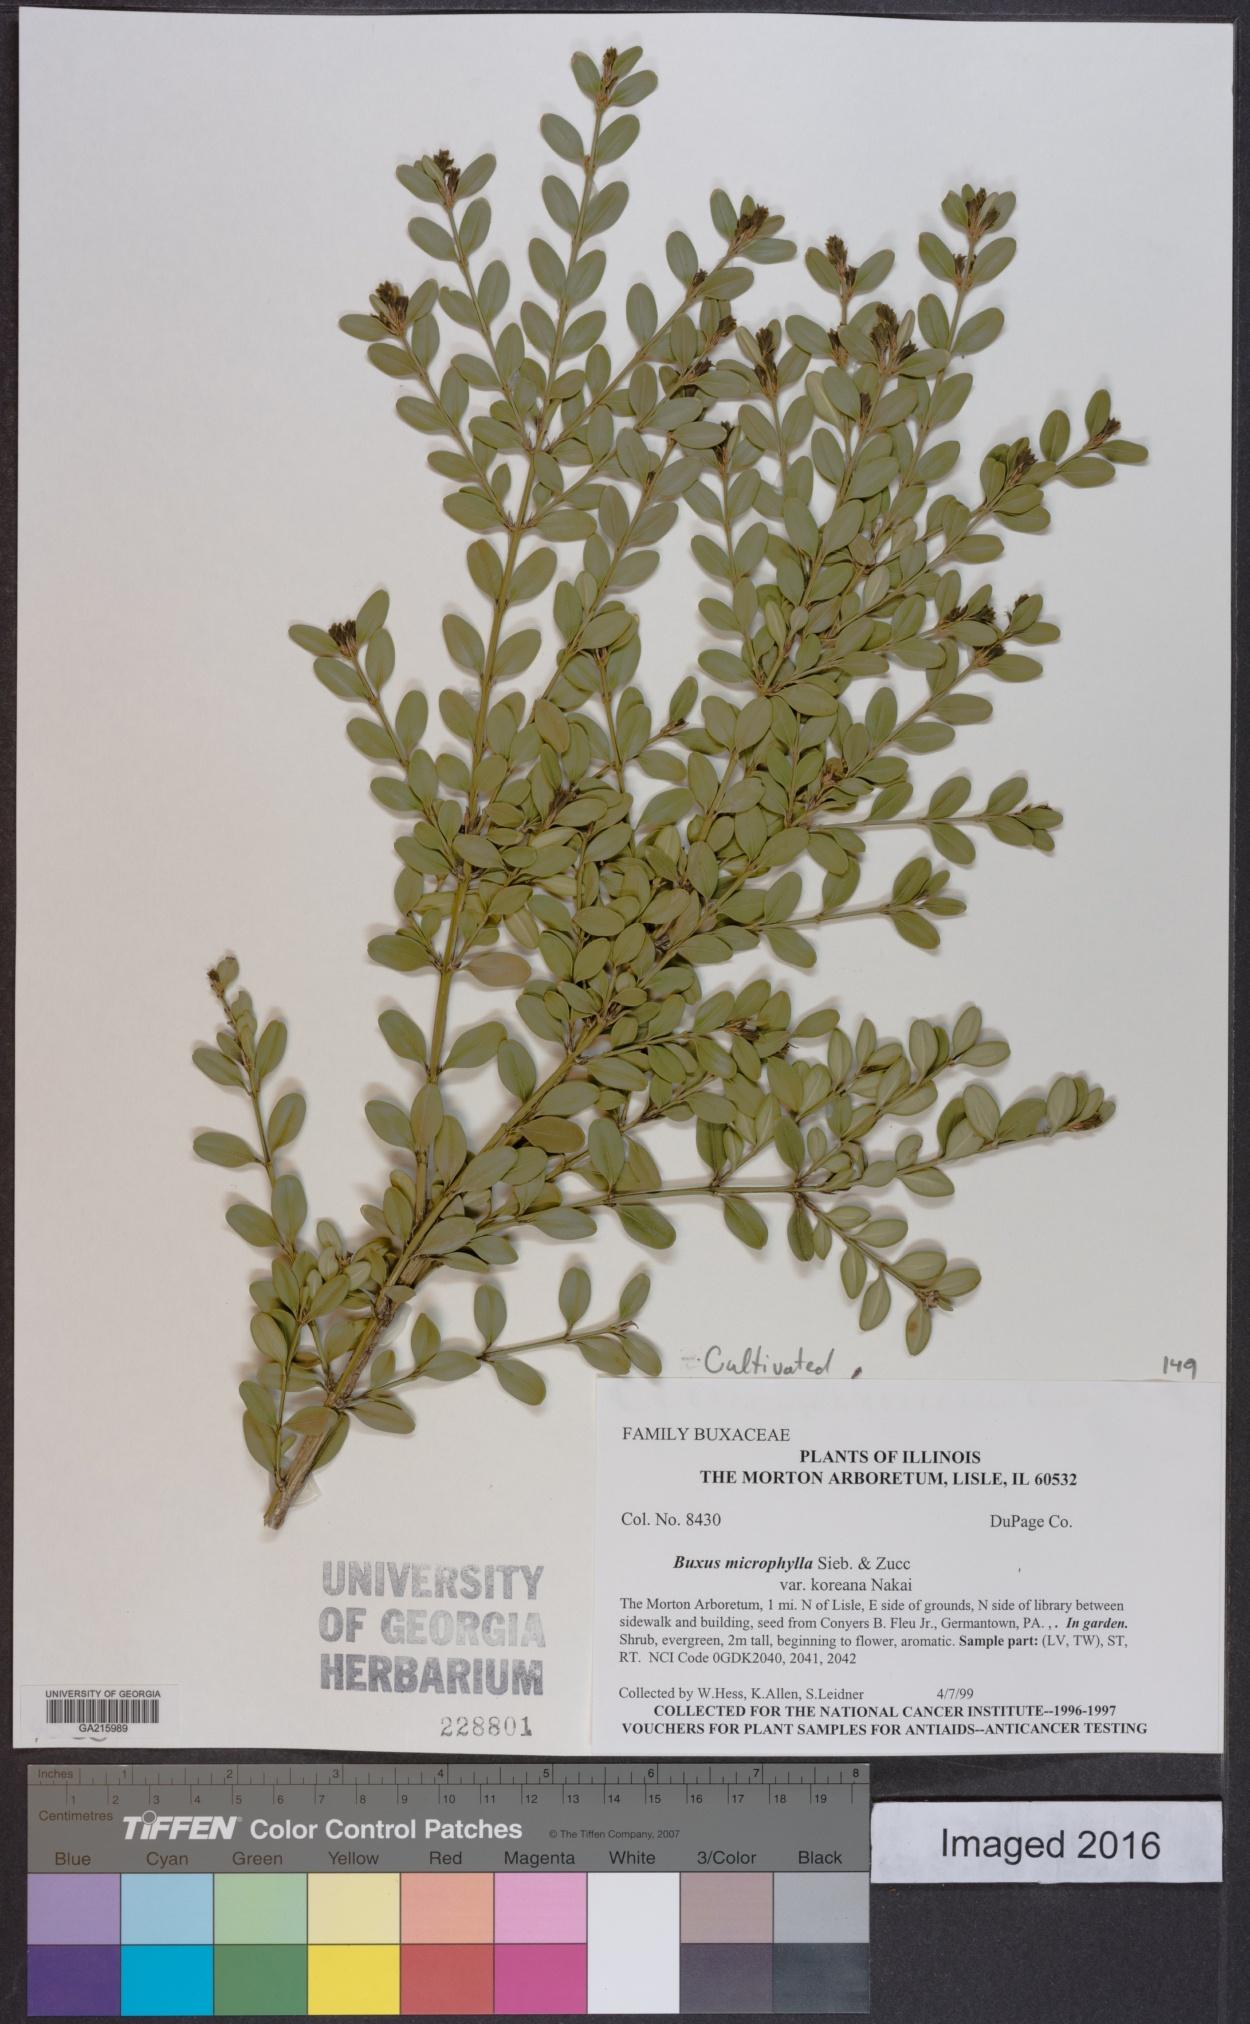 Buxus sinica var. insularis image